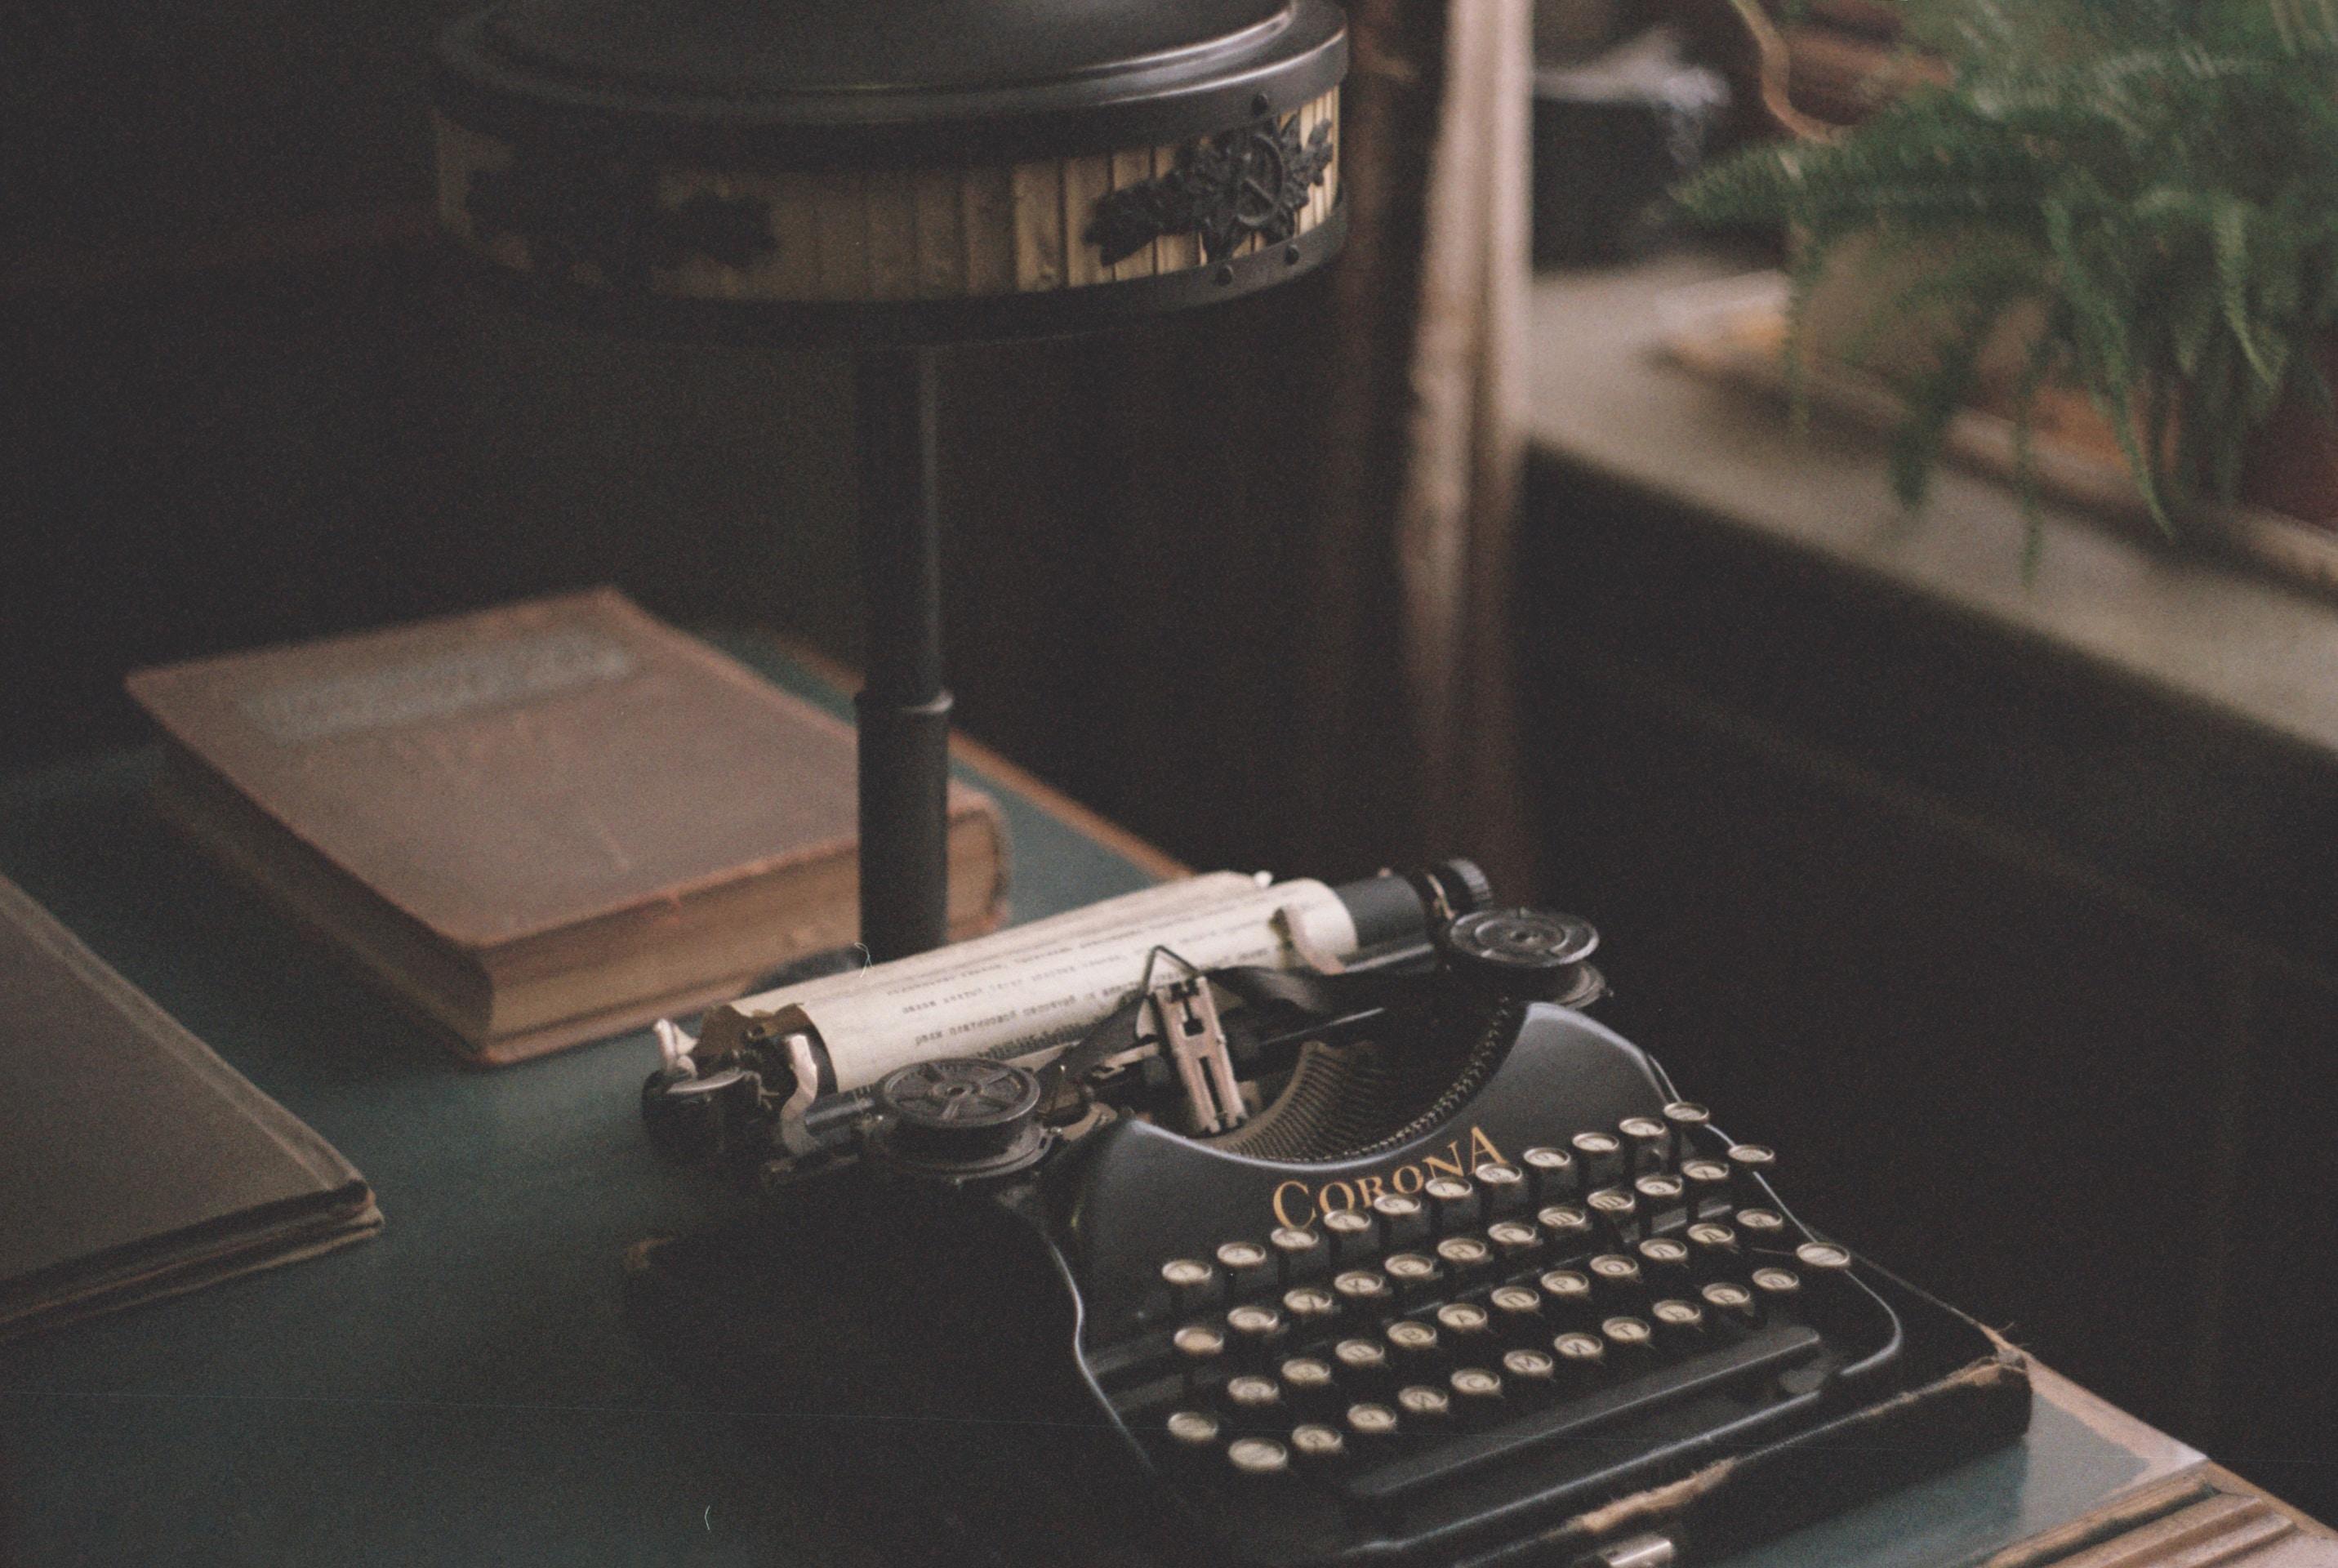 Dear, Lady stories